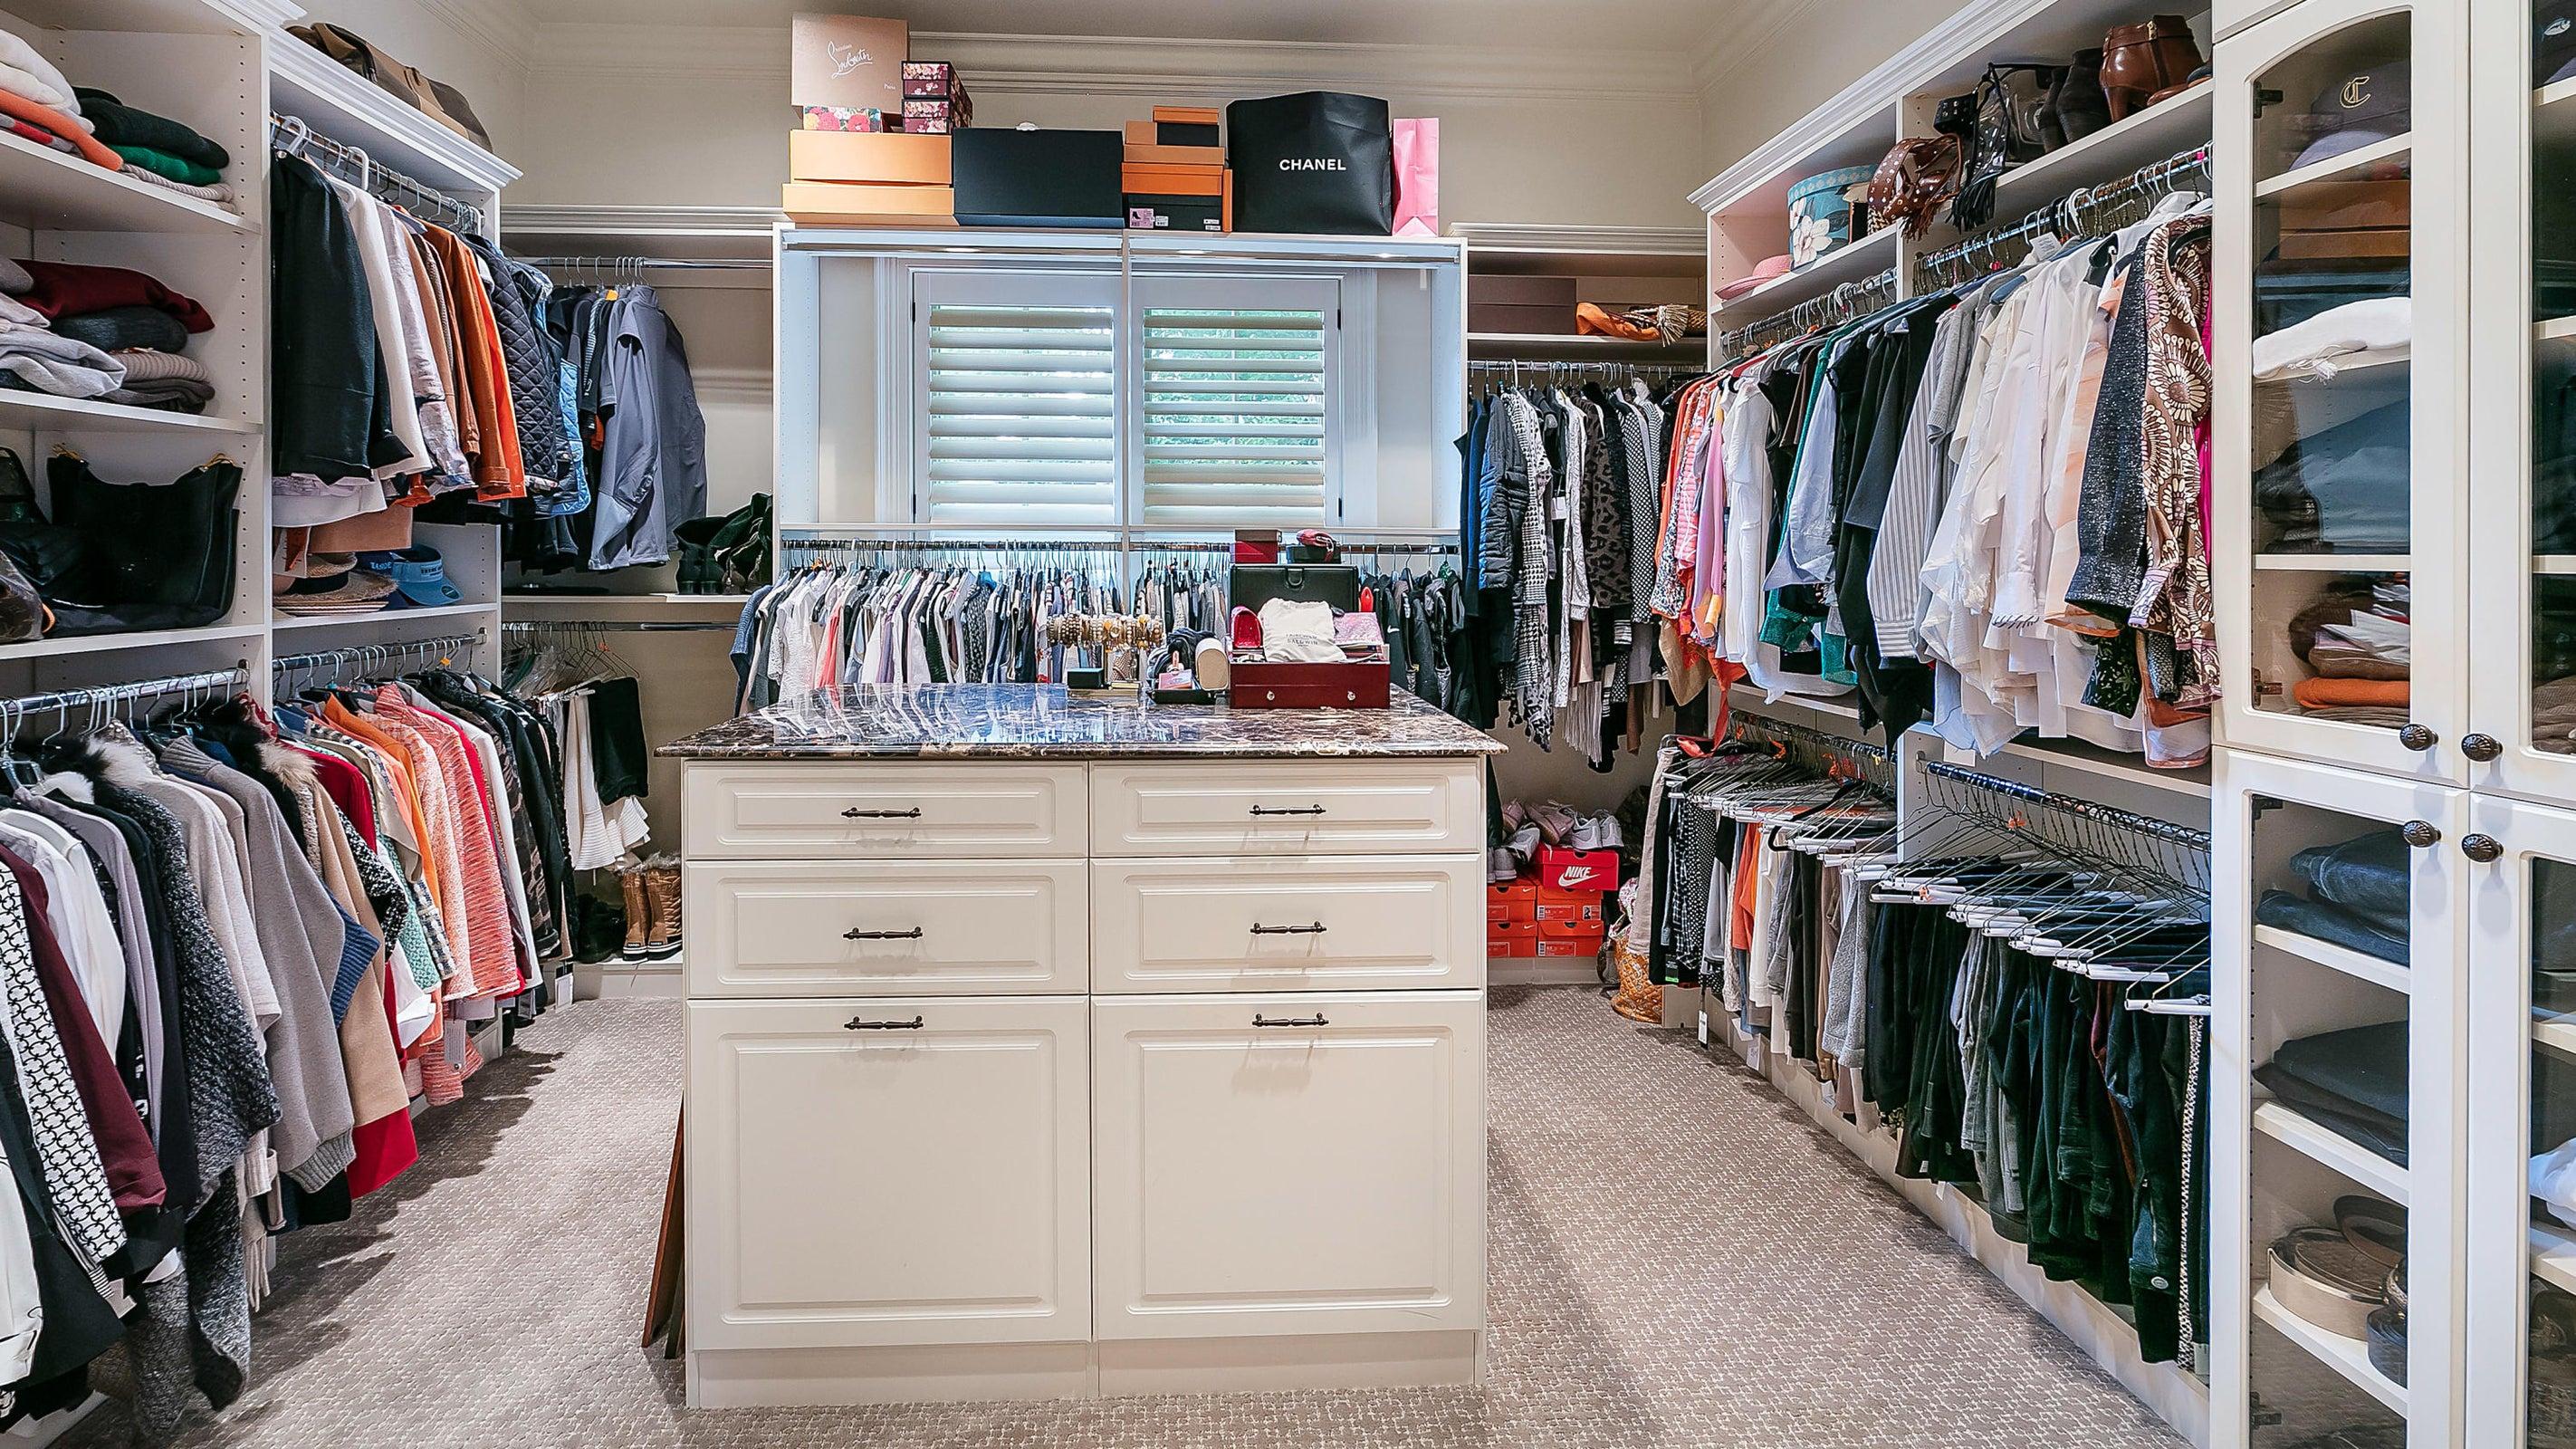 her walk-in closet